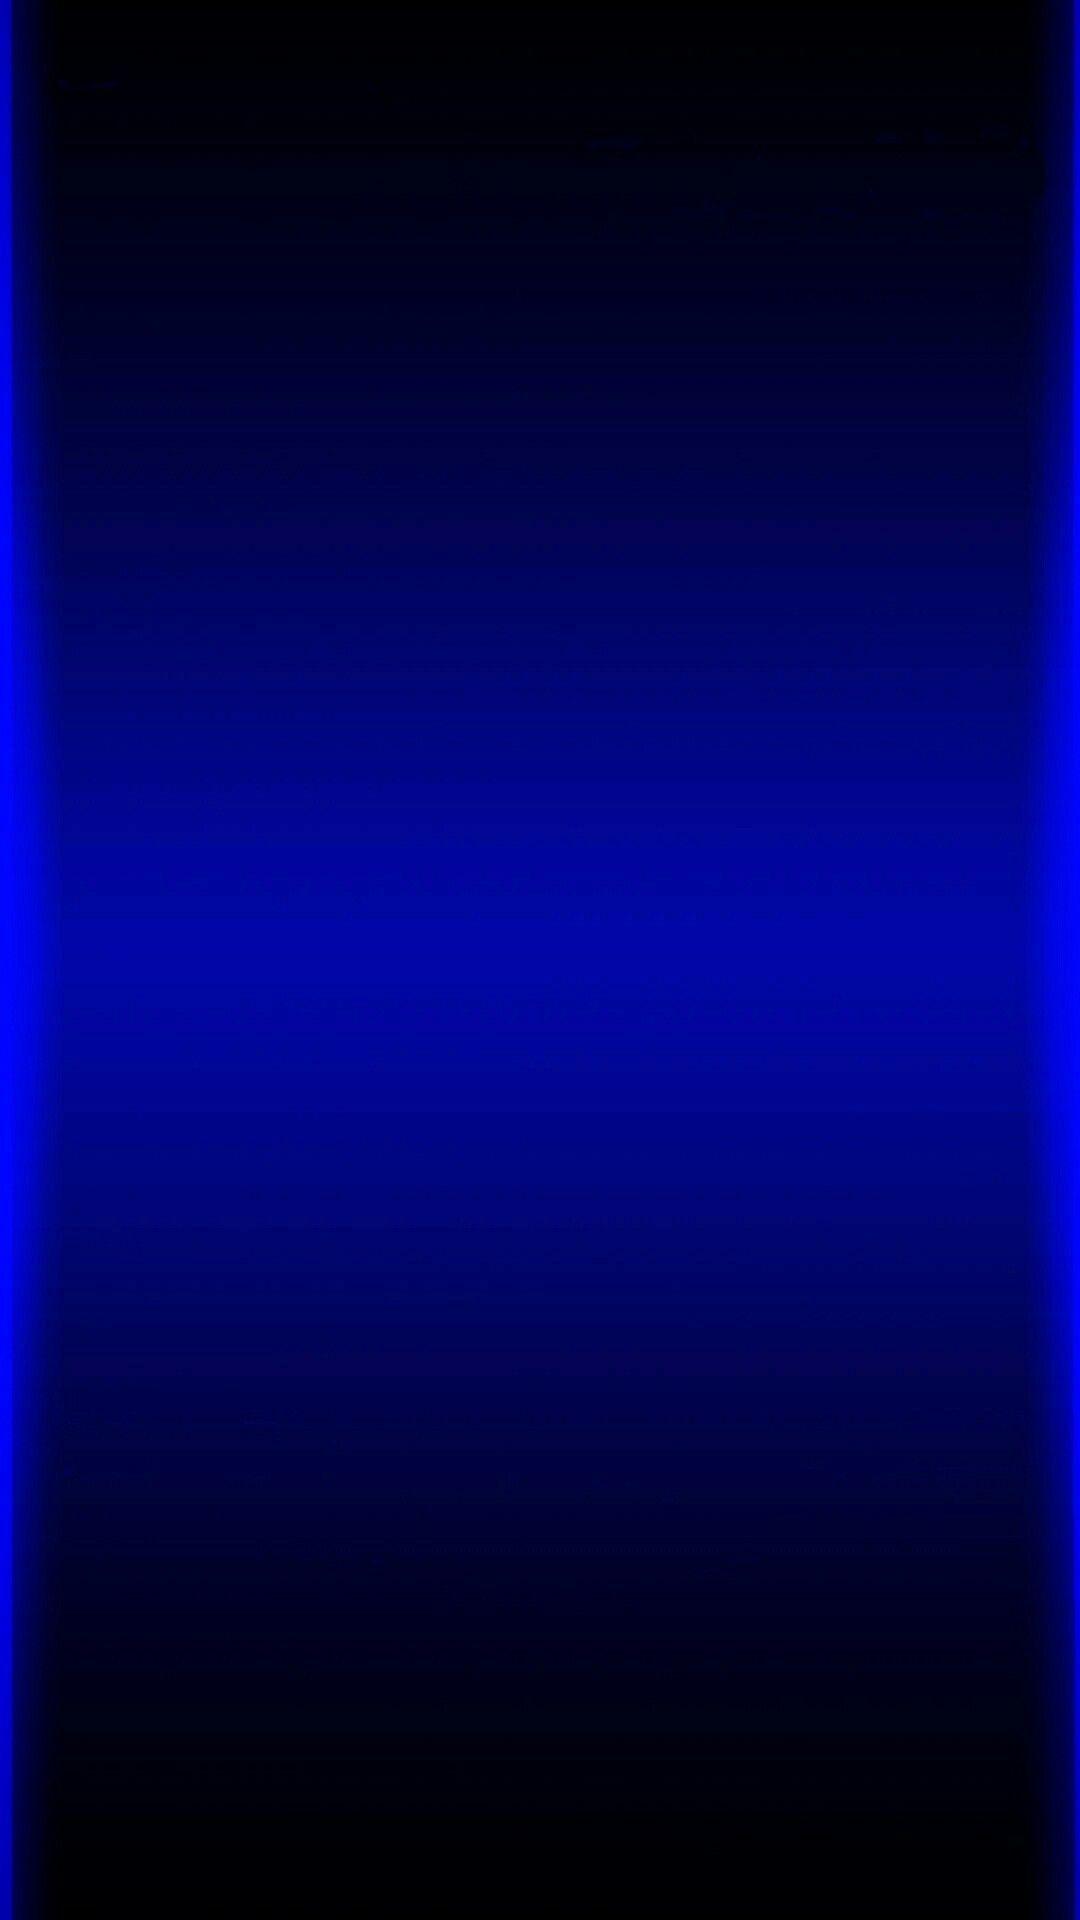 かっこいいブルーのiphone壁紙 画像あり 壁紙 青 青 背景